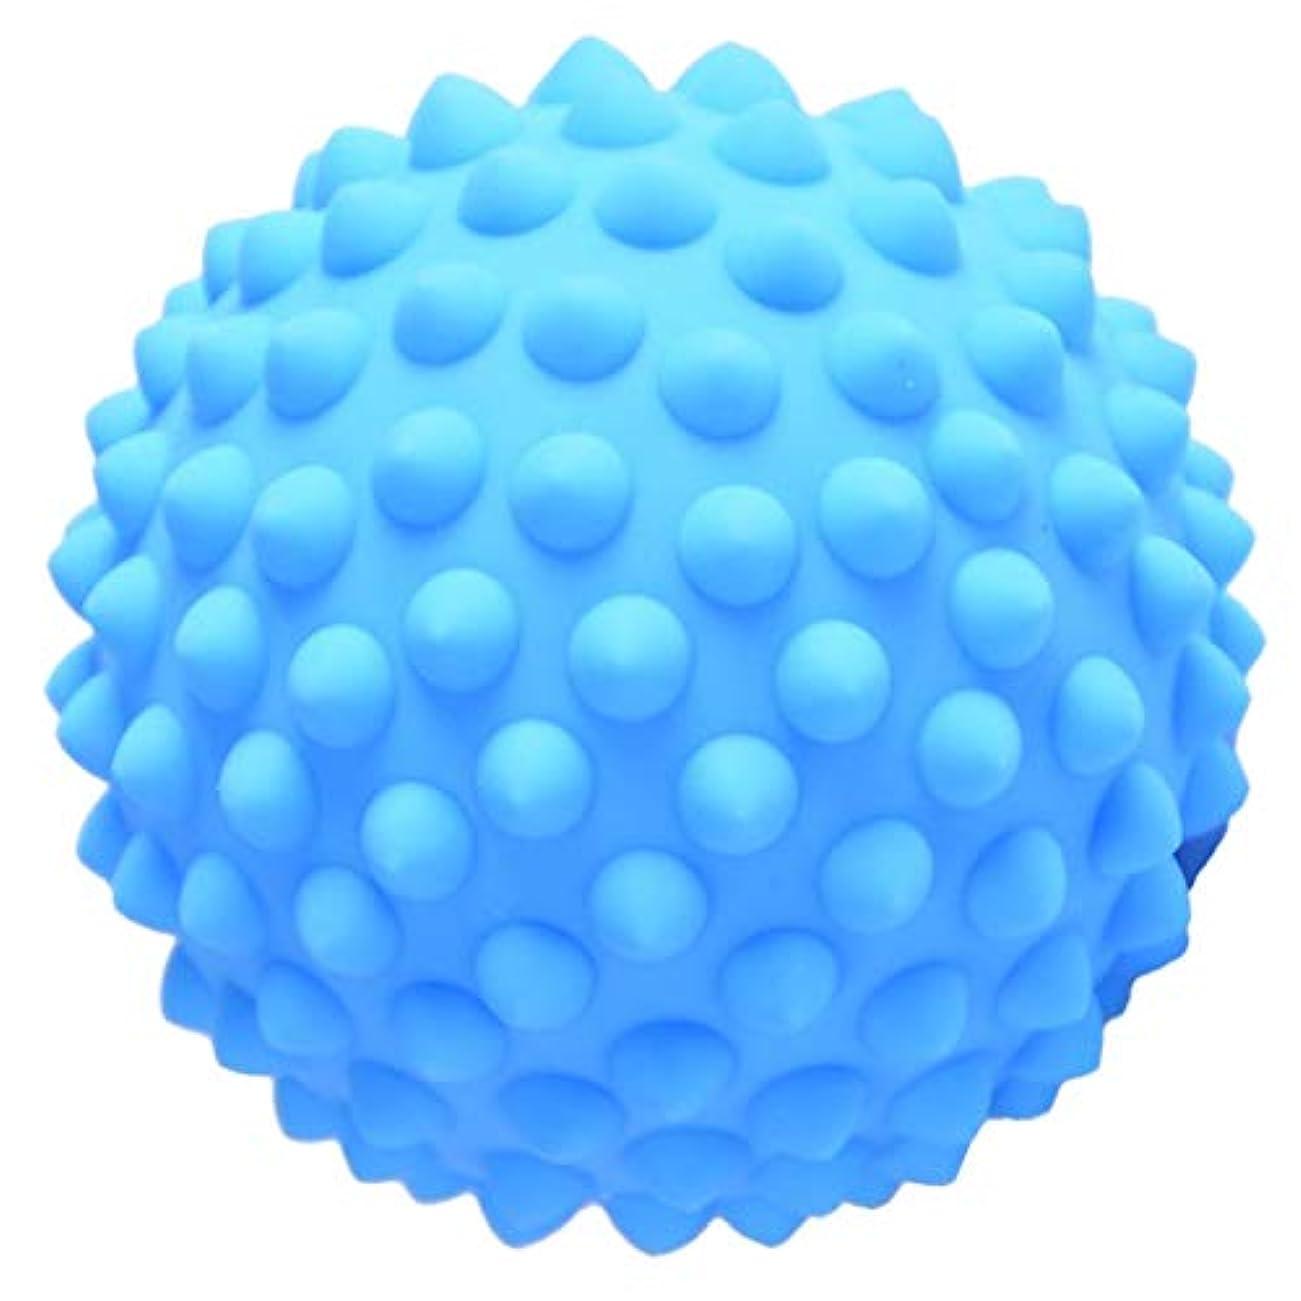 懸念硫黄腐ったFLAMEER マッサージボール ポイントマッサージ ヨガ道具 3色選べ - 青, 説明のとおり